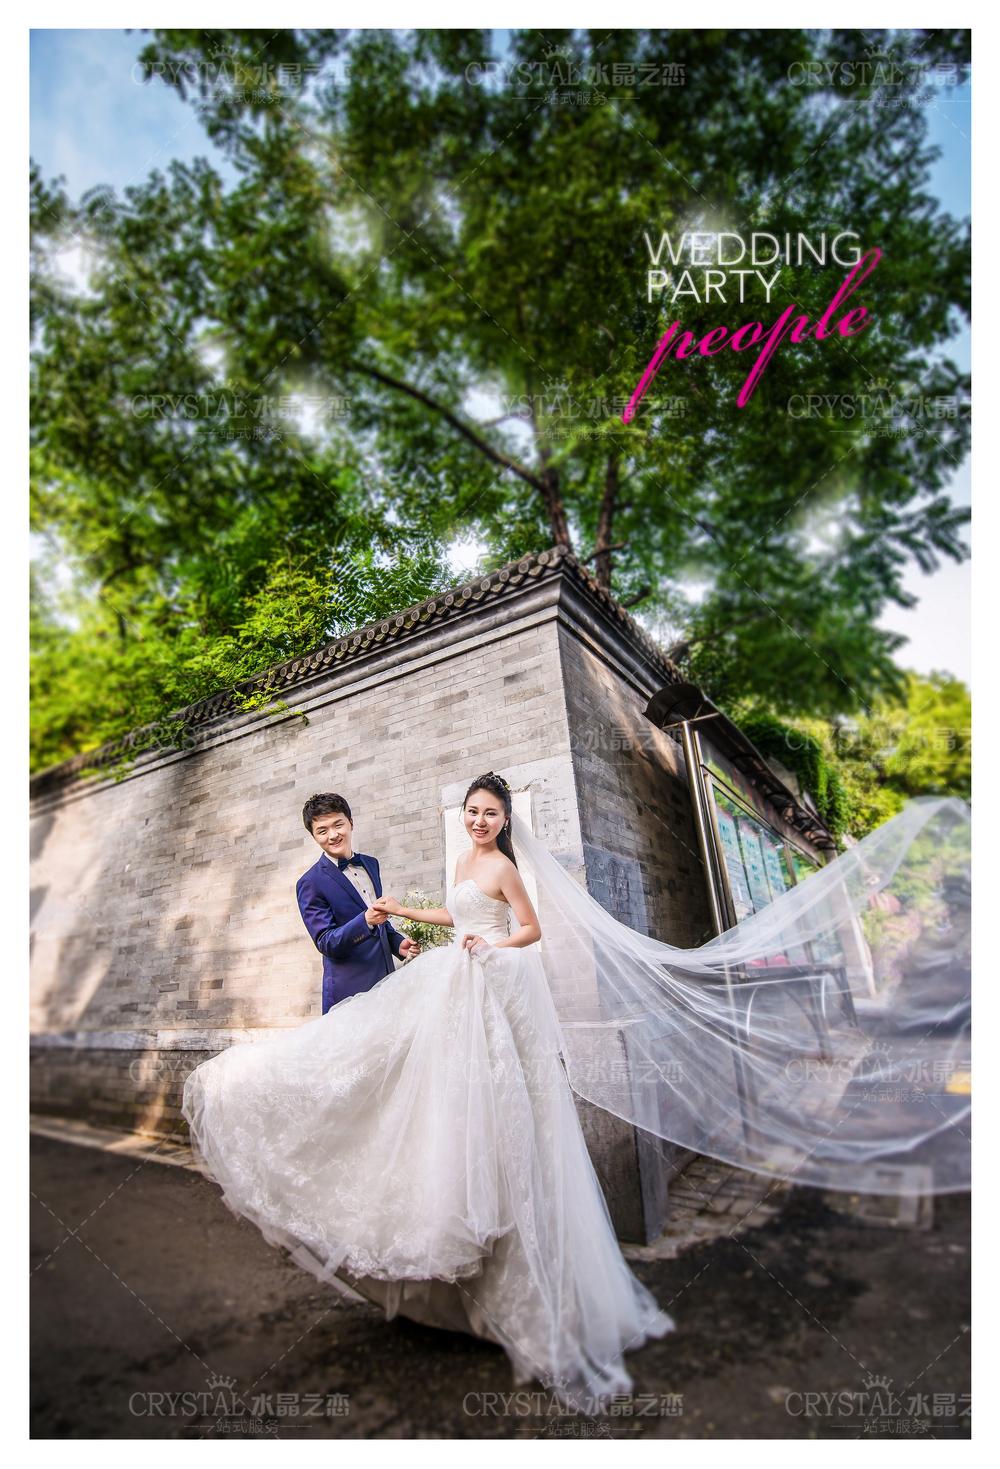 水晶之恋婚纱摄影作品欣赏